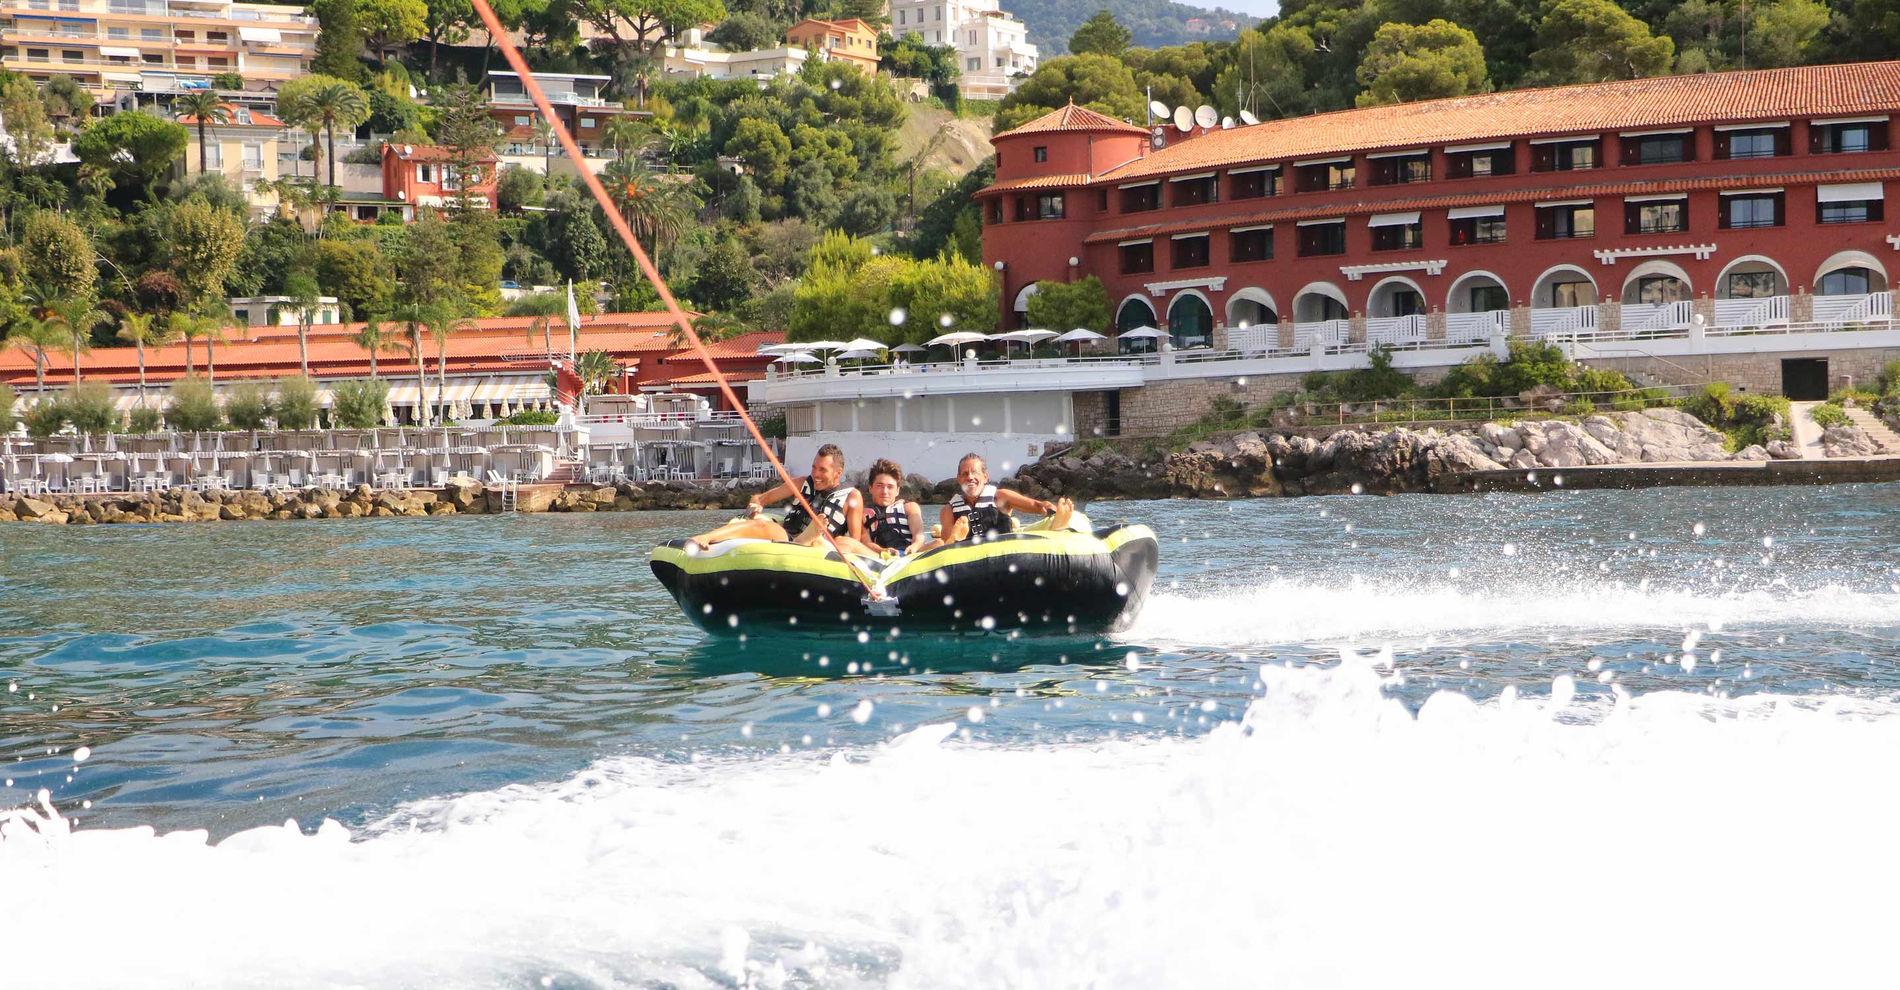 Lieux Frais Monaco